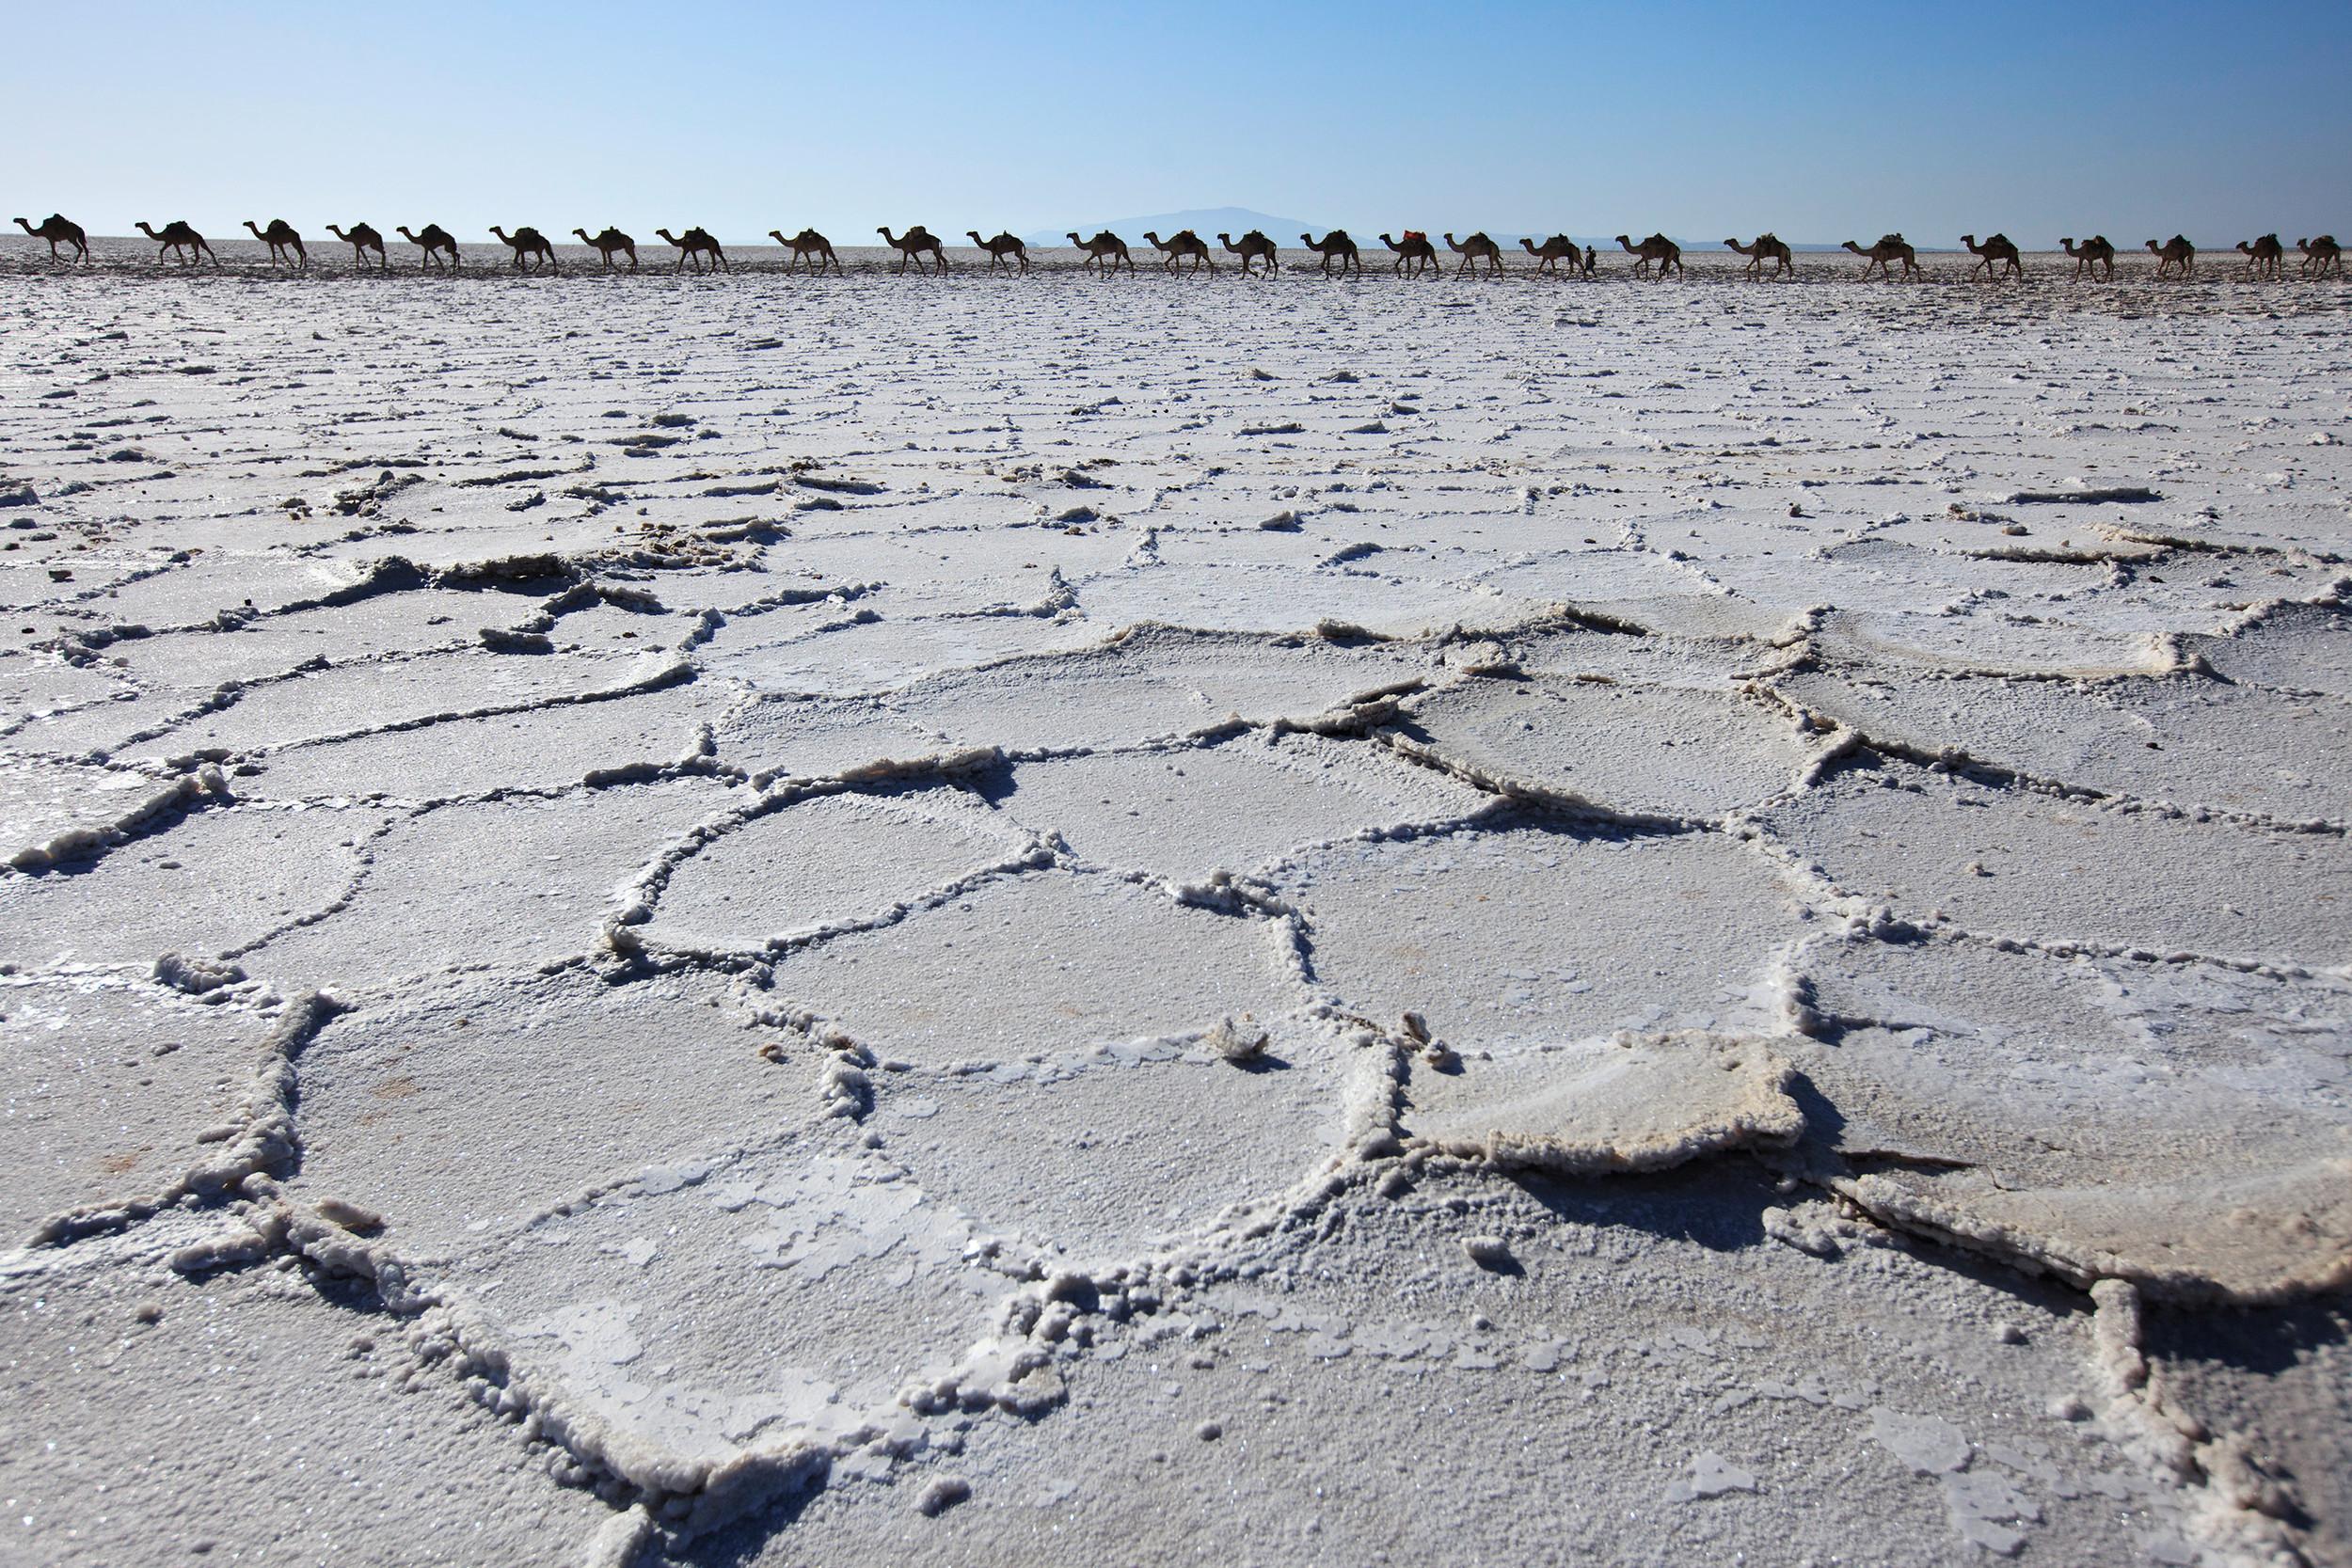 Camels walking along salt plains in Danakil Depression